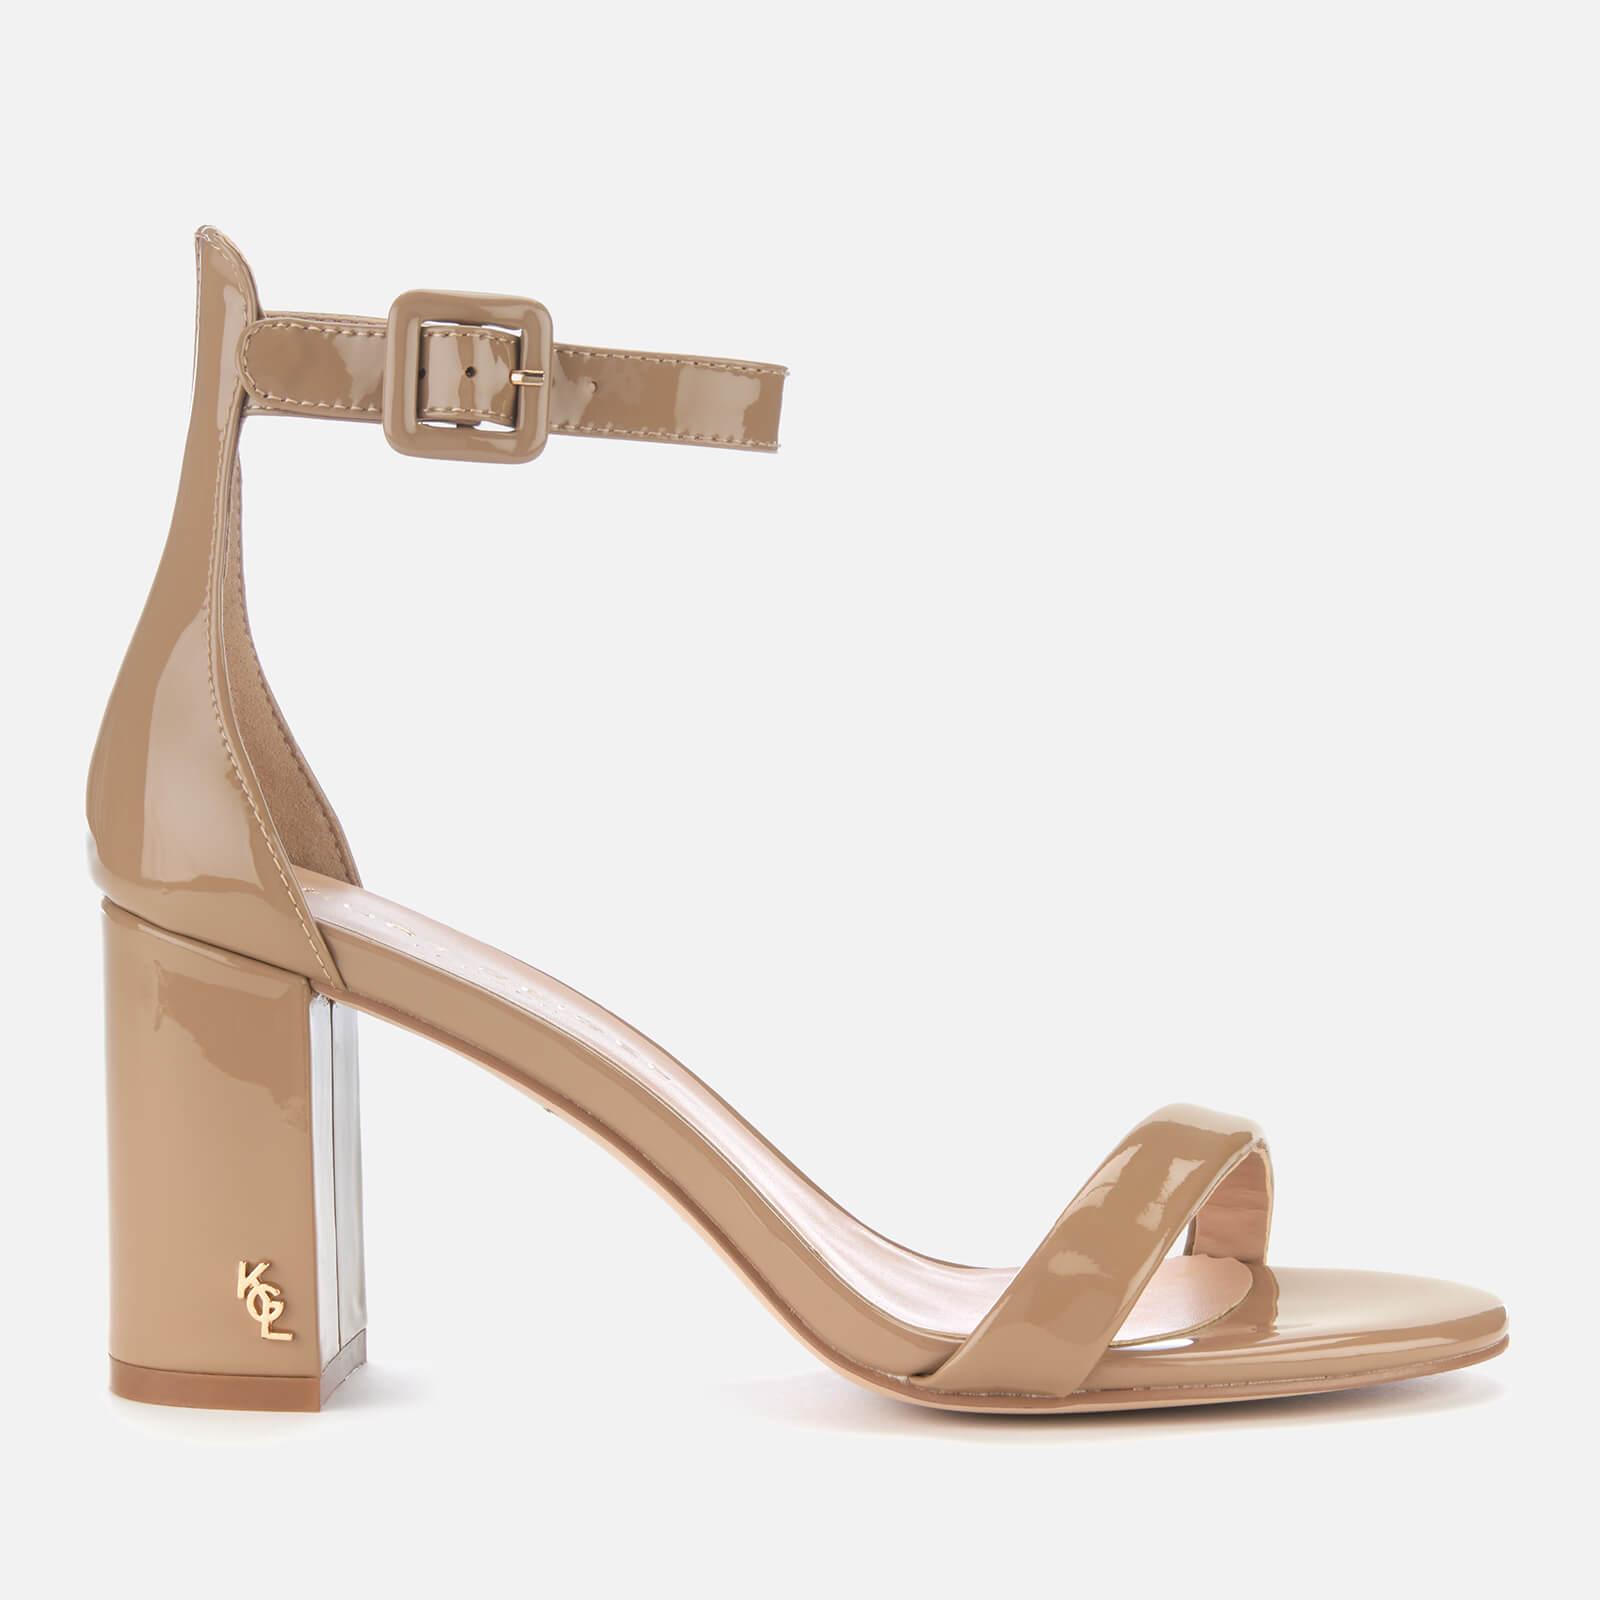 e5a5e2c725d Kurt Geiger London Women's Langley Patent Block Heeled Sandals - Camel